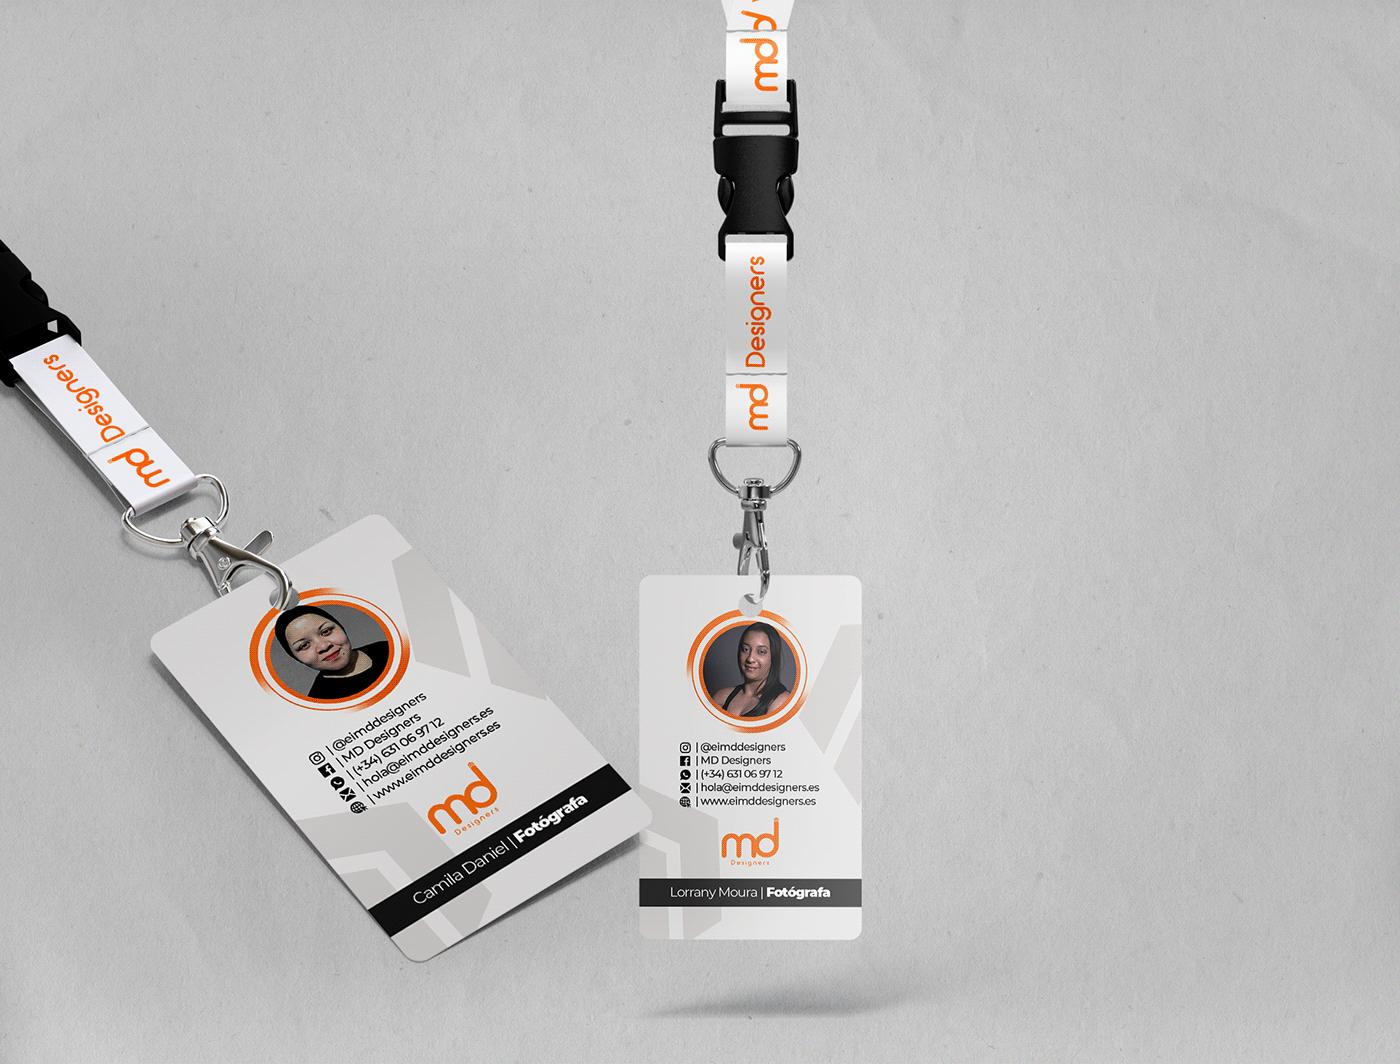 apresentação design gráfico ID Visual identidade visual Logotipo marca